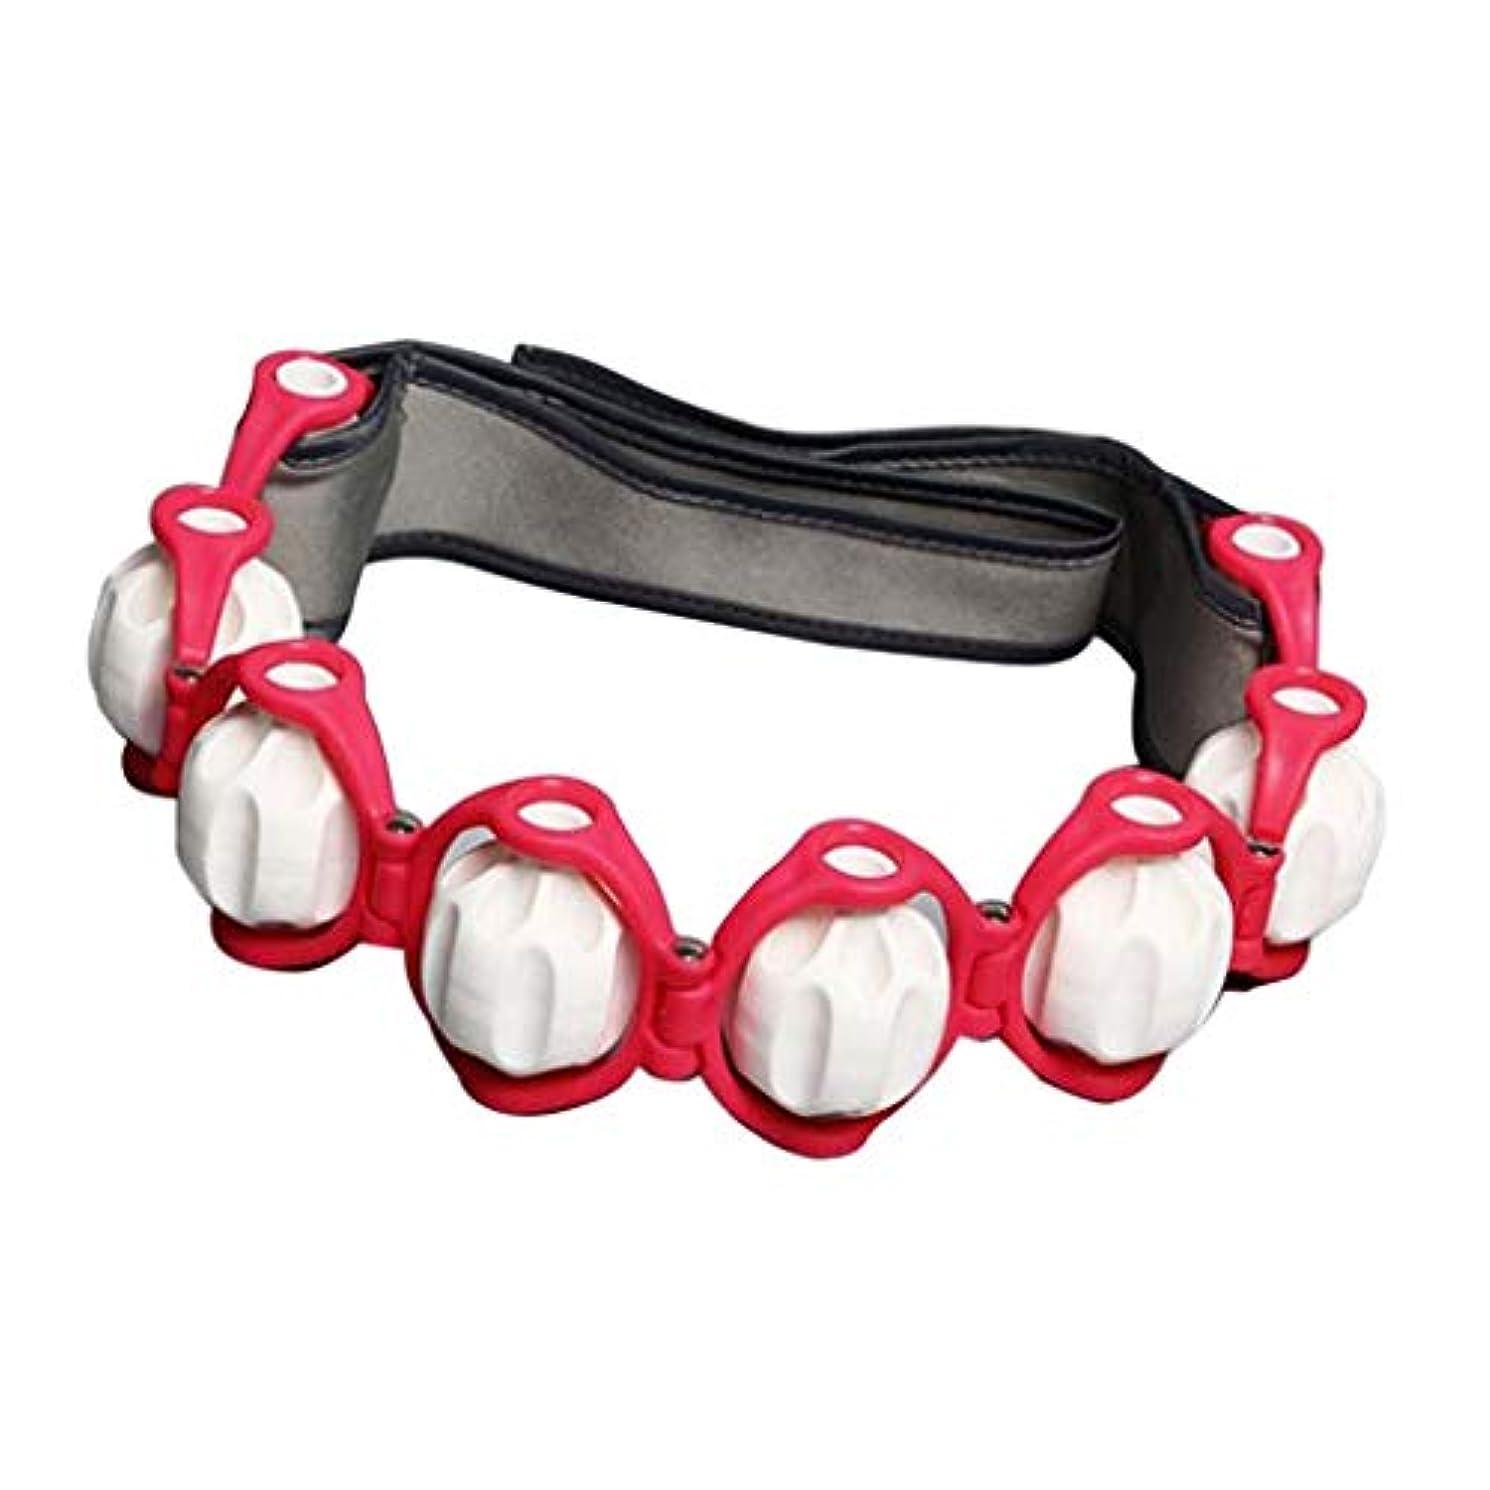 研究所照らす階下マッサージローラー ロープ付き ツボ押し ボディマッサージ 筋肉マッサージ 4色選べ - 赤